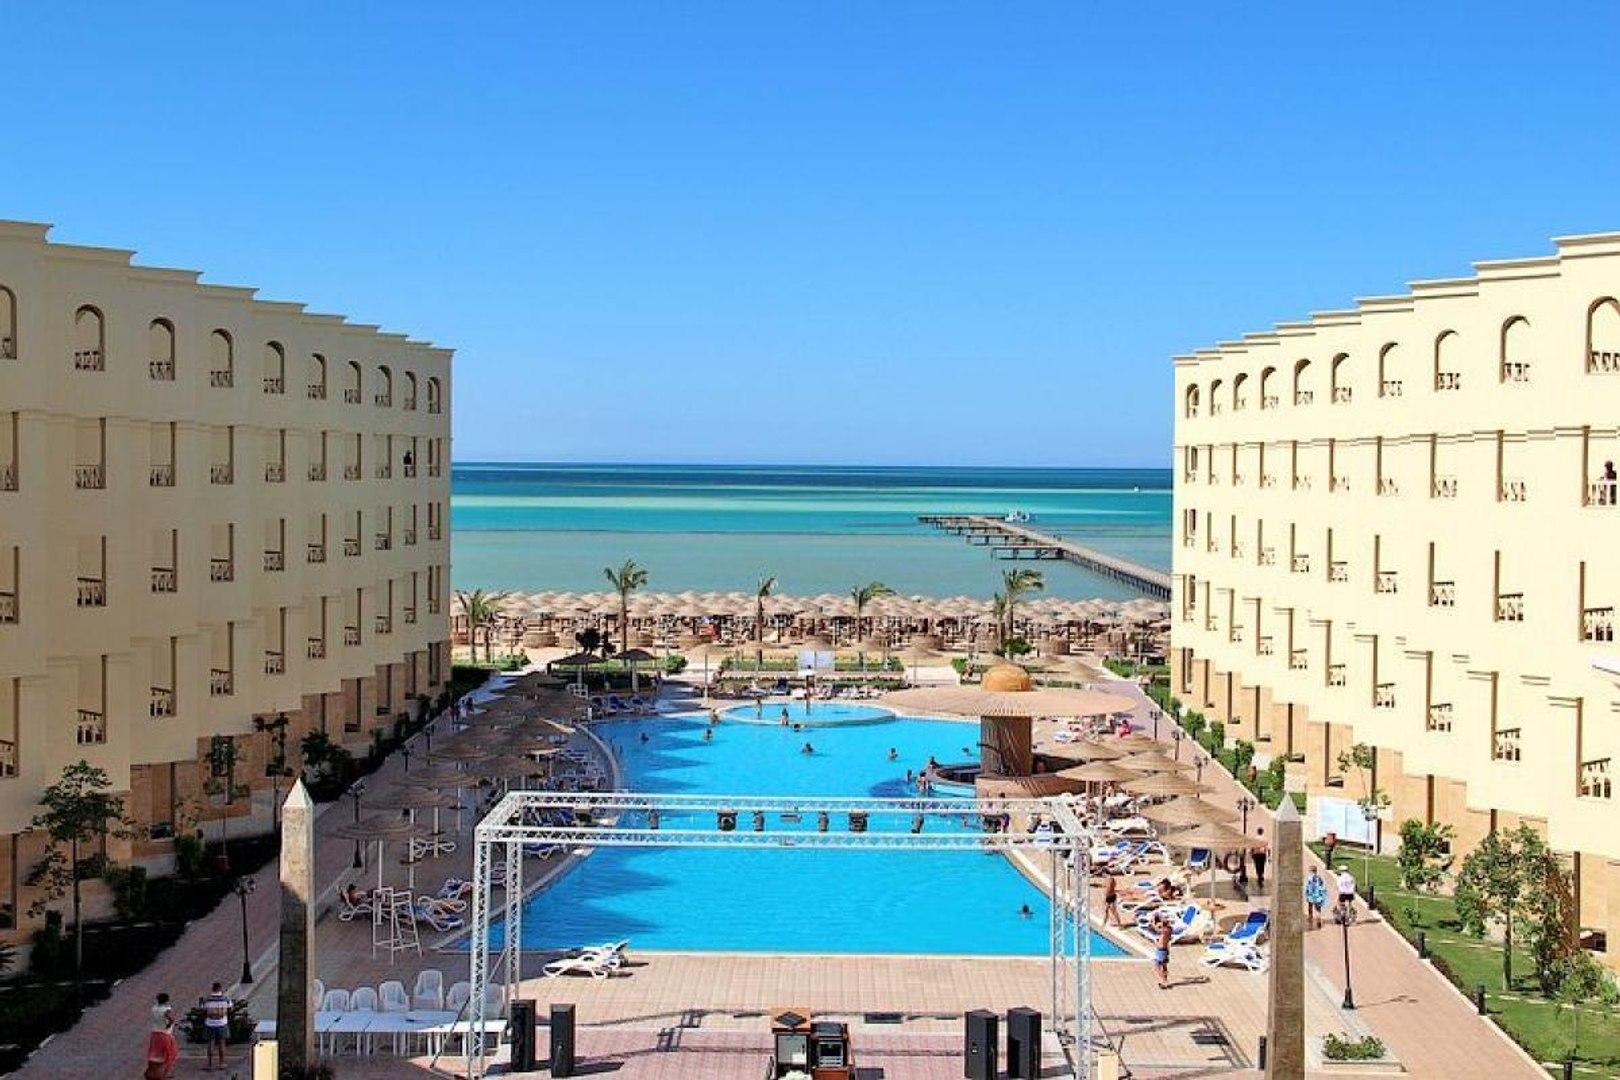 Обзор отеля AMC ROYAL HOTEL RESORT 5* Хургада, Египет